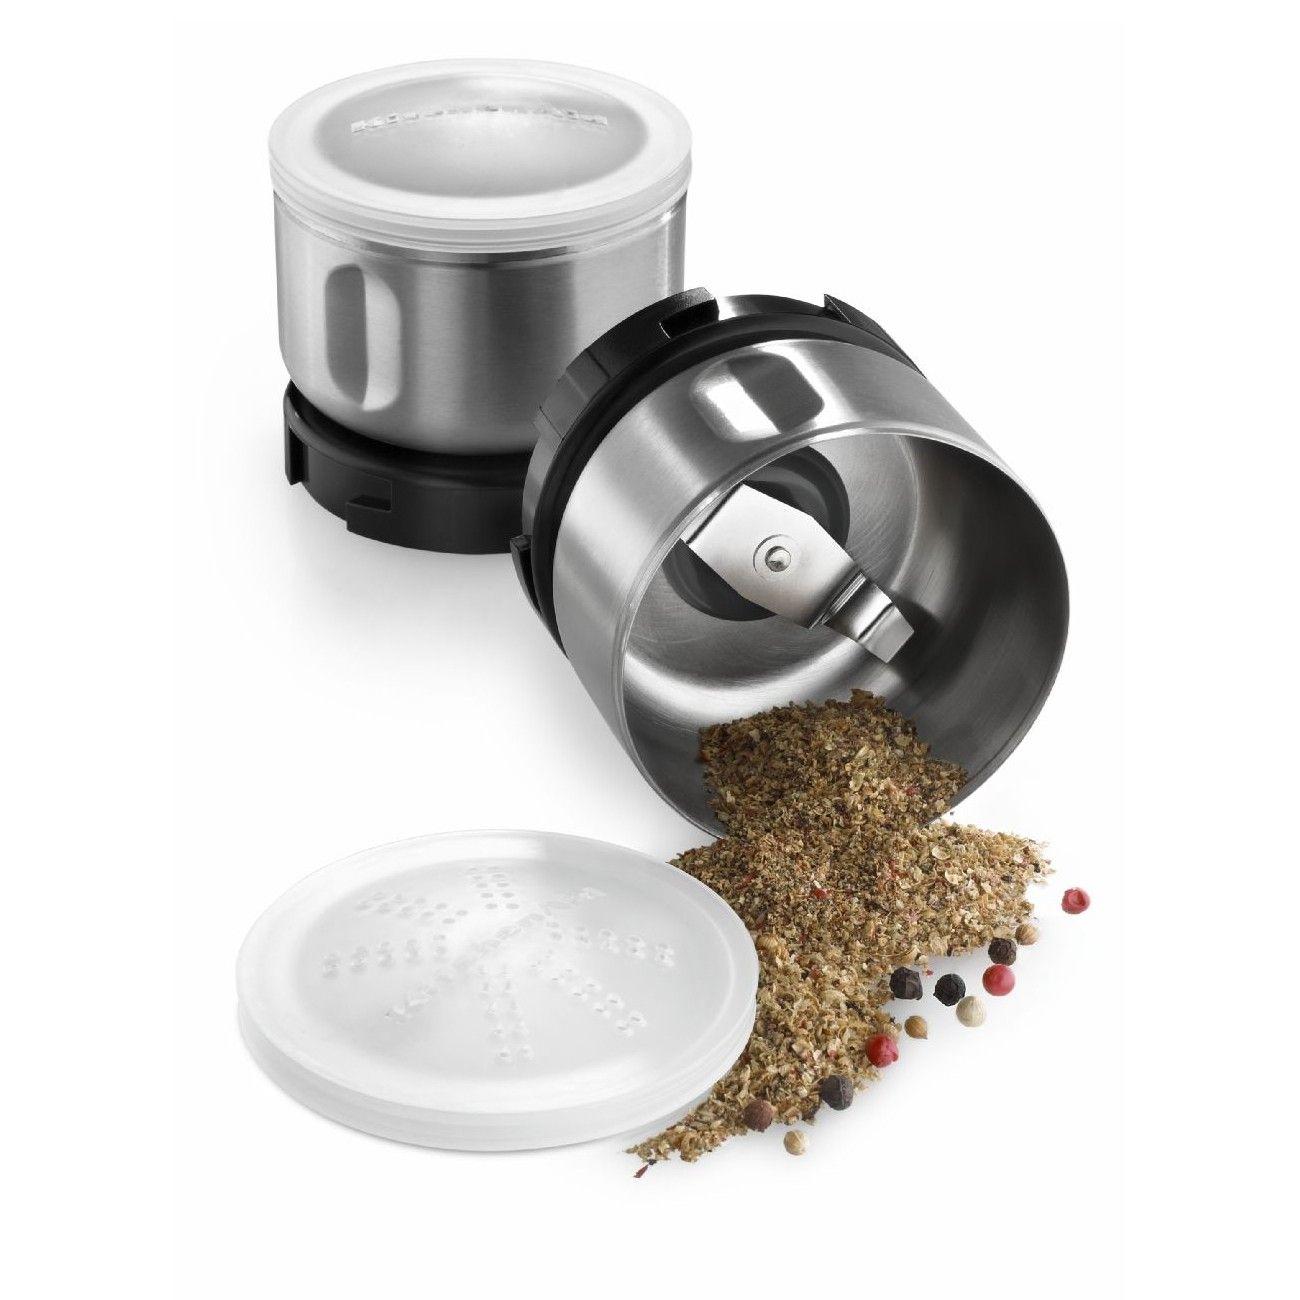 Kitchenaid bcgsga 2 piece stainless steel spice grinder